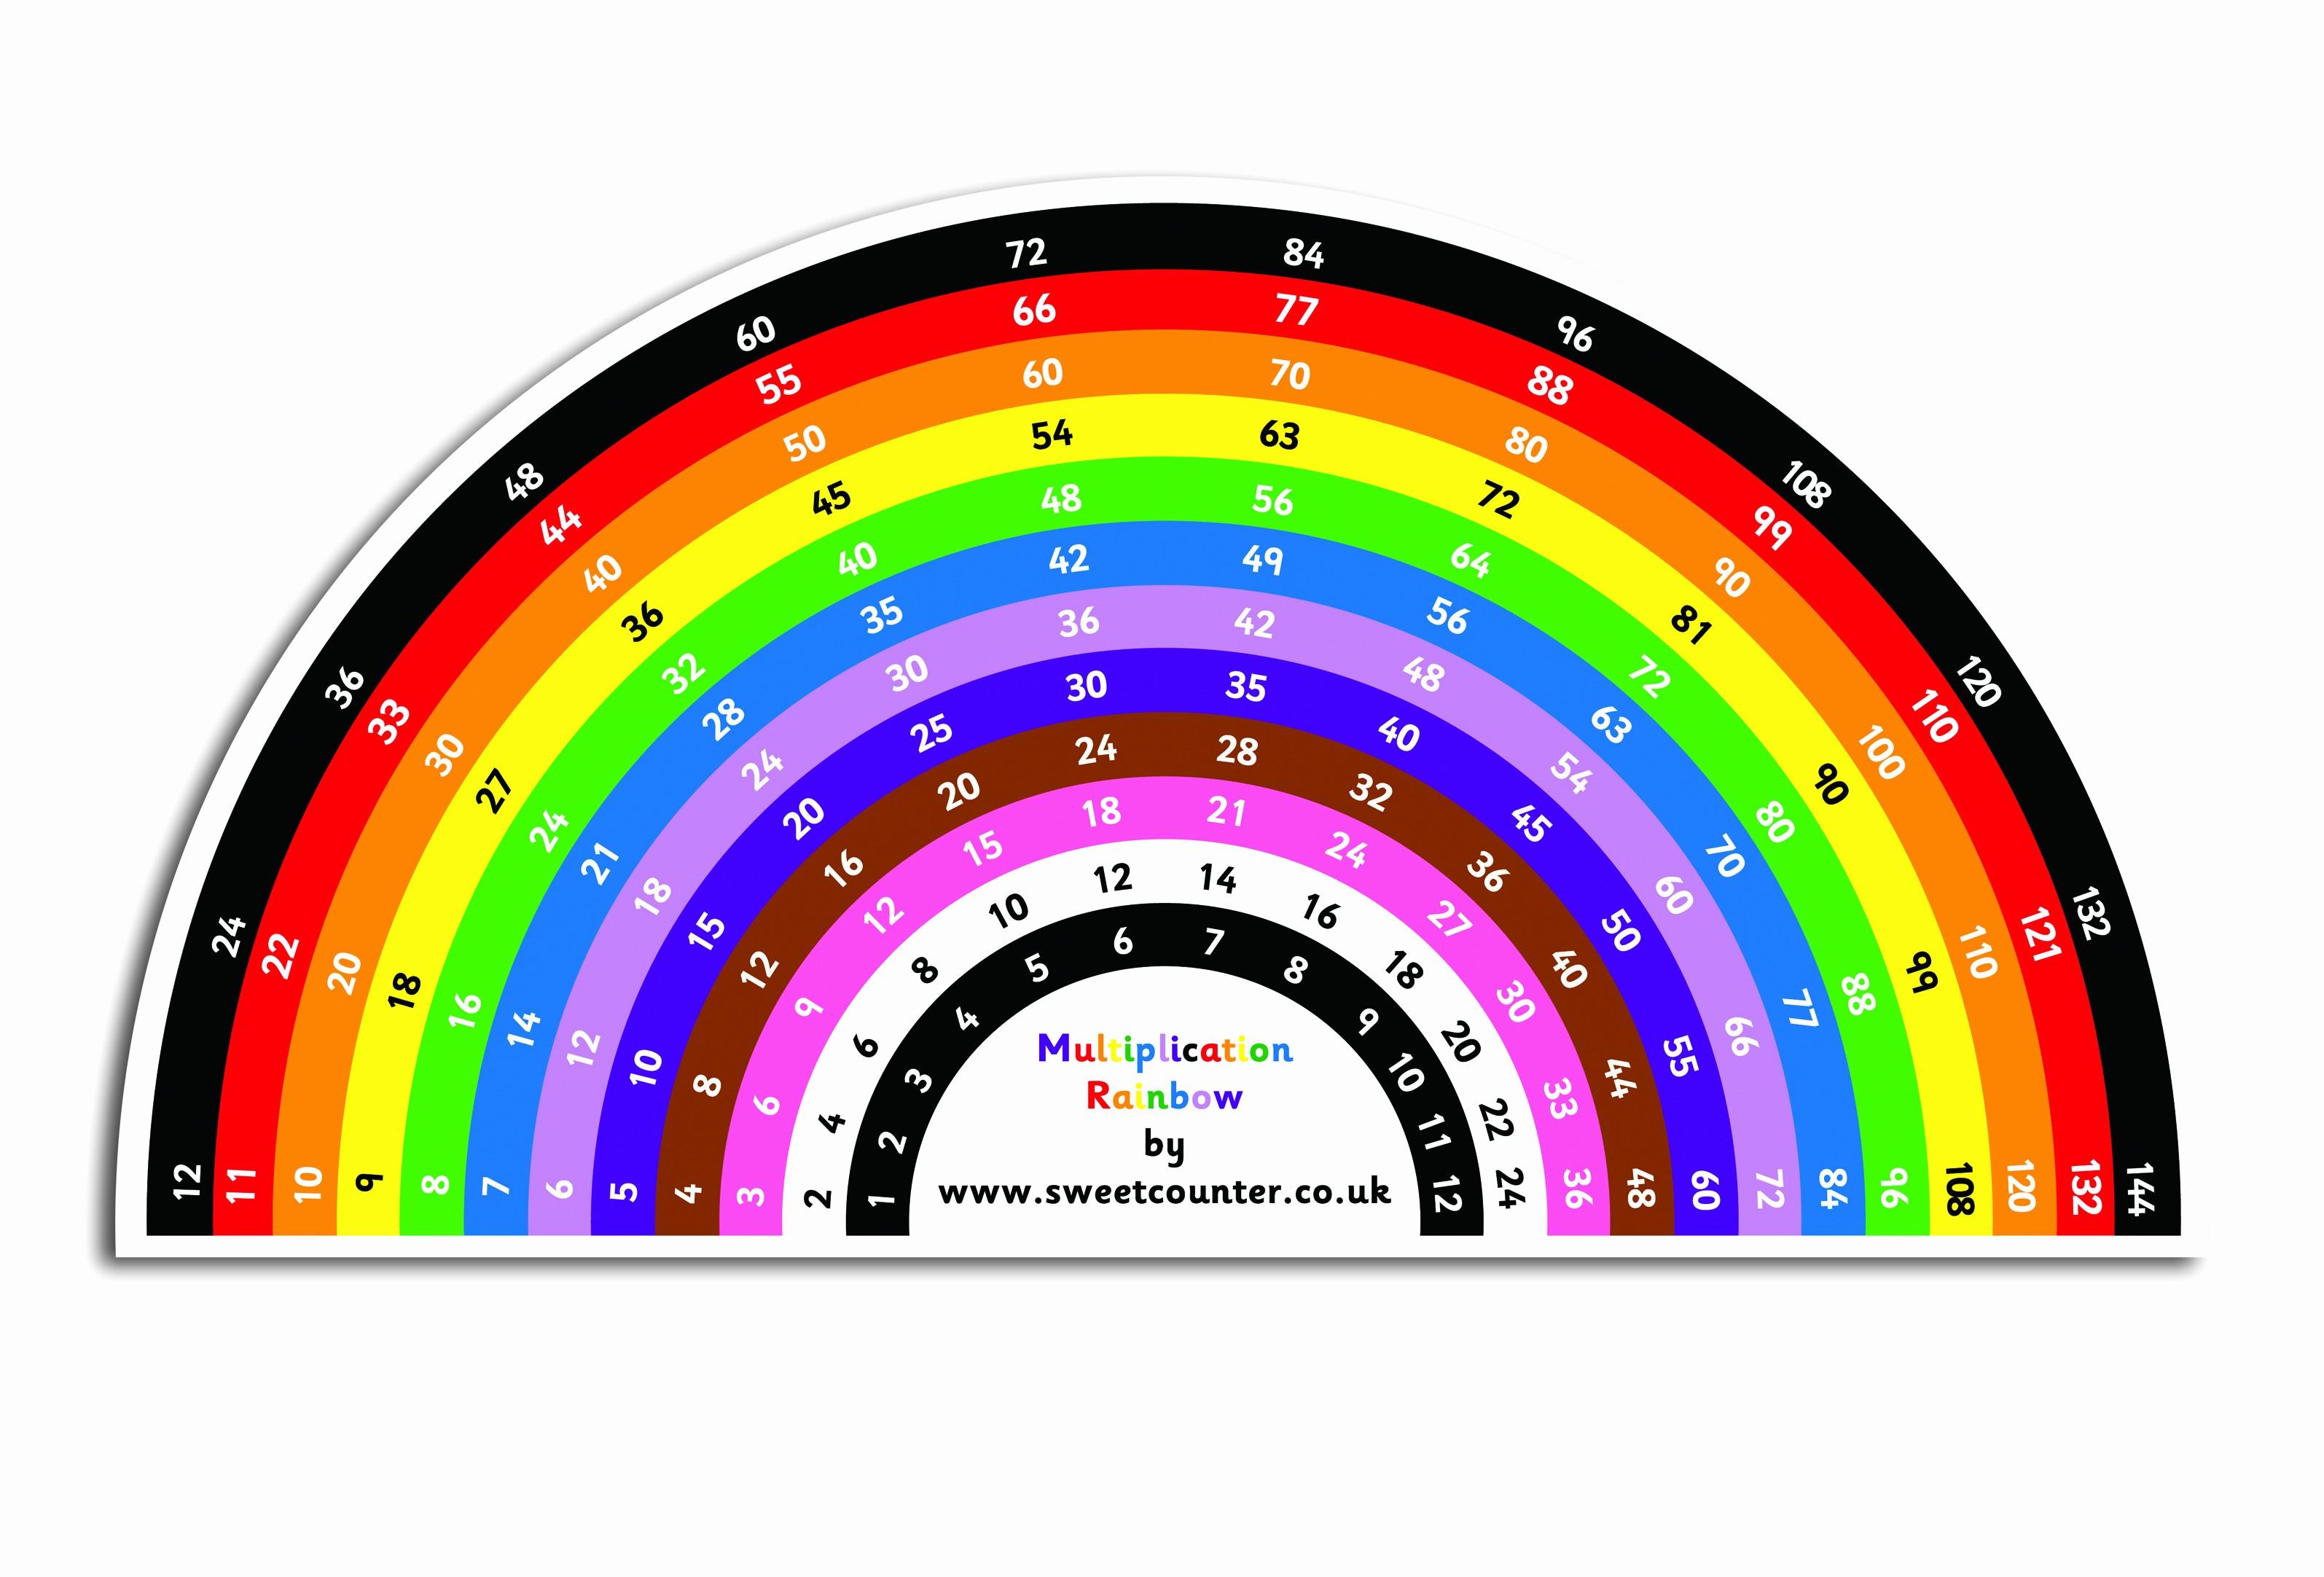 12*12 Multiplication Table Fresh Multiplication Rainbow Medium Eastpoint